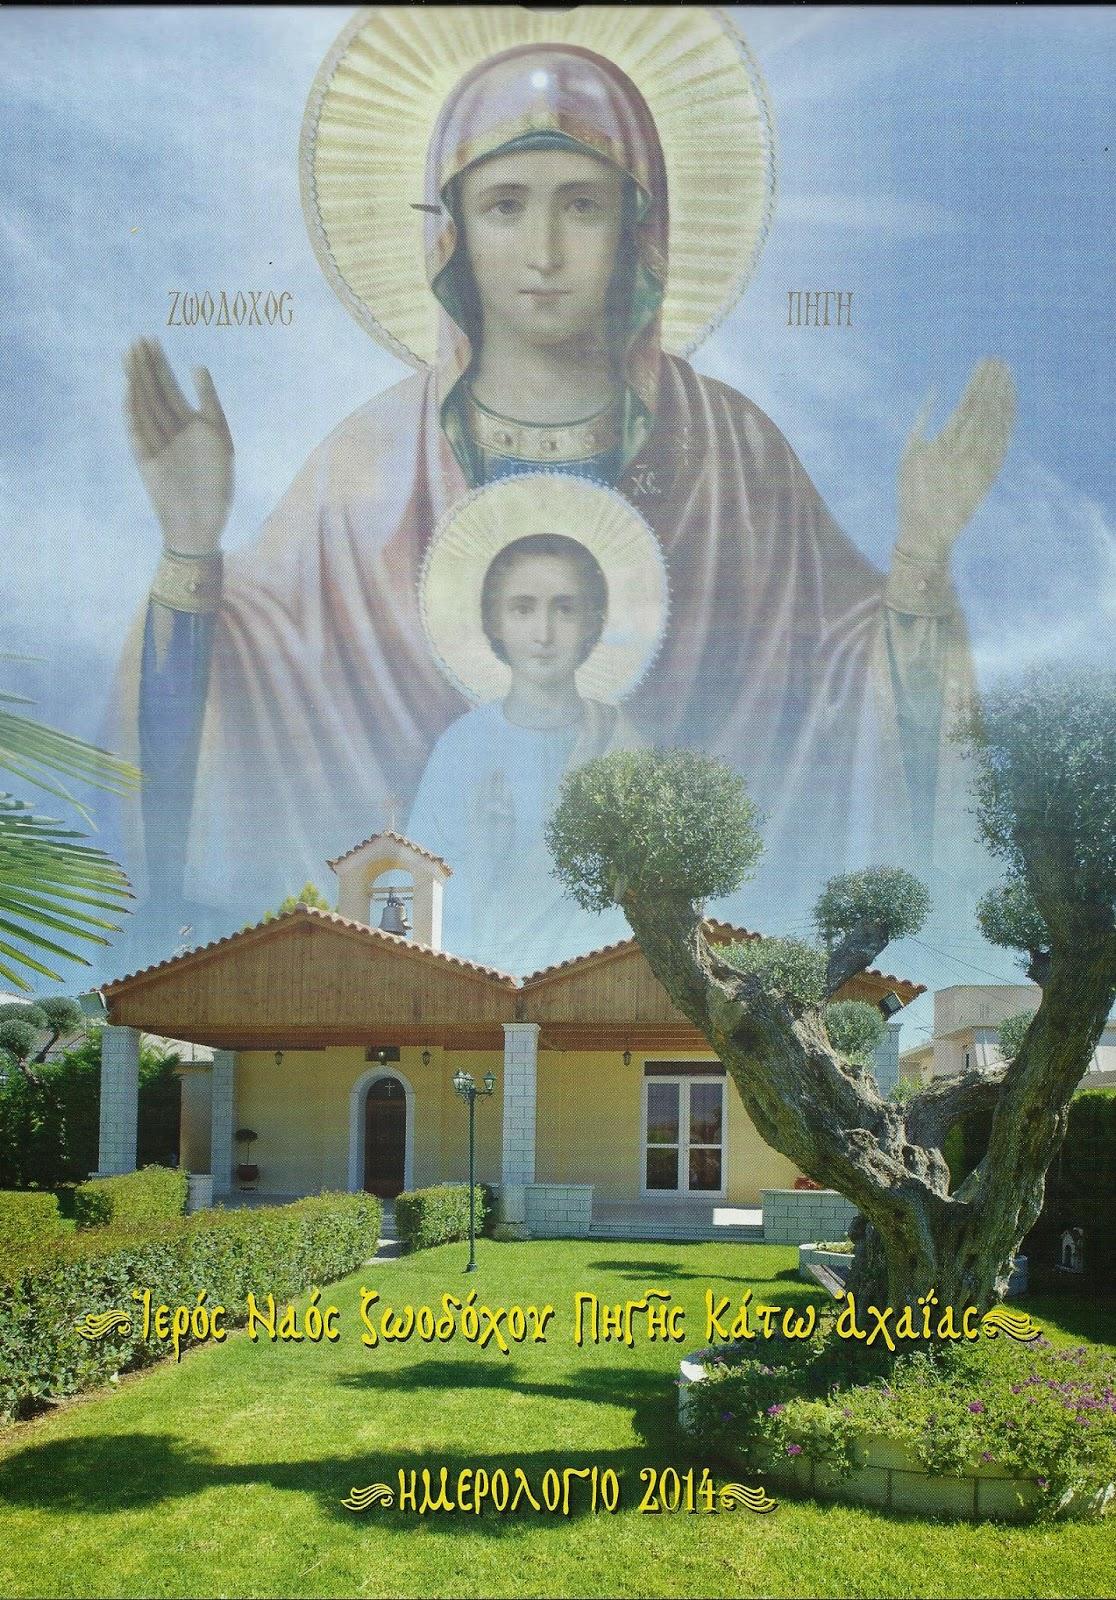 Ο Ιερός Ναός ανακαινισμένος